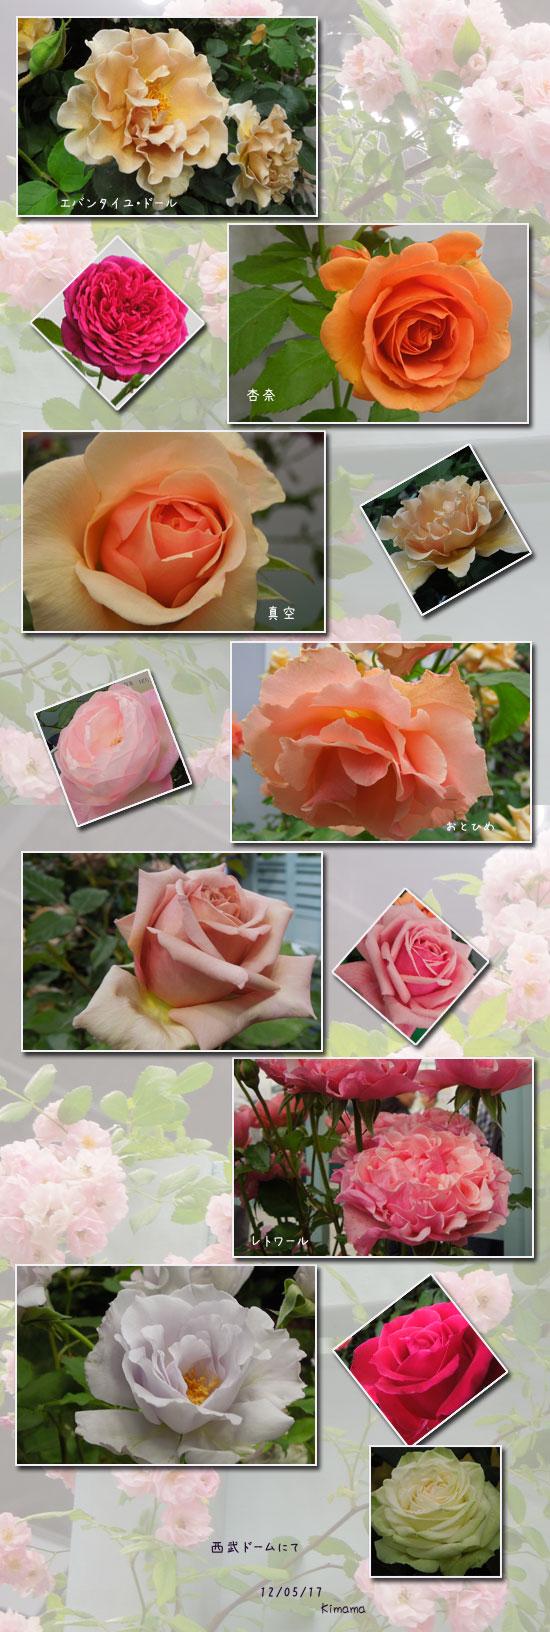 国際バラとガーデニングショー_c0051105_22472589.jpg